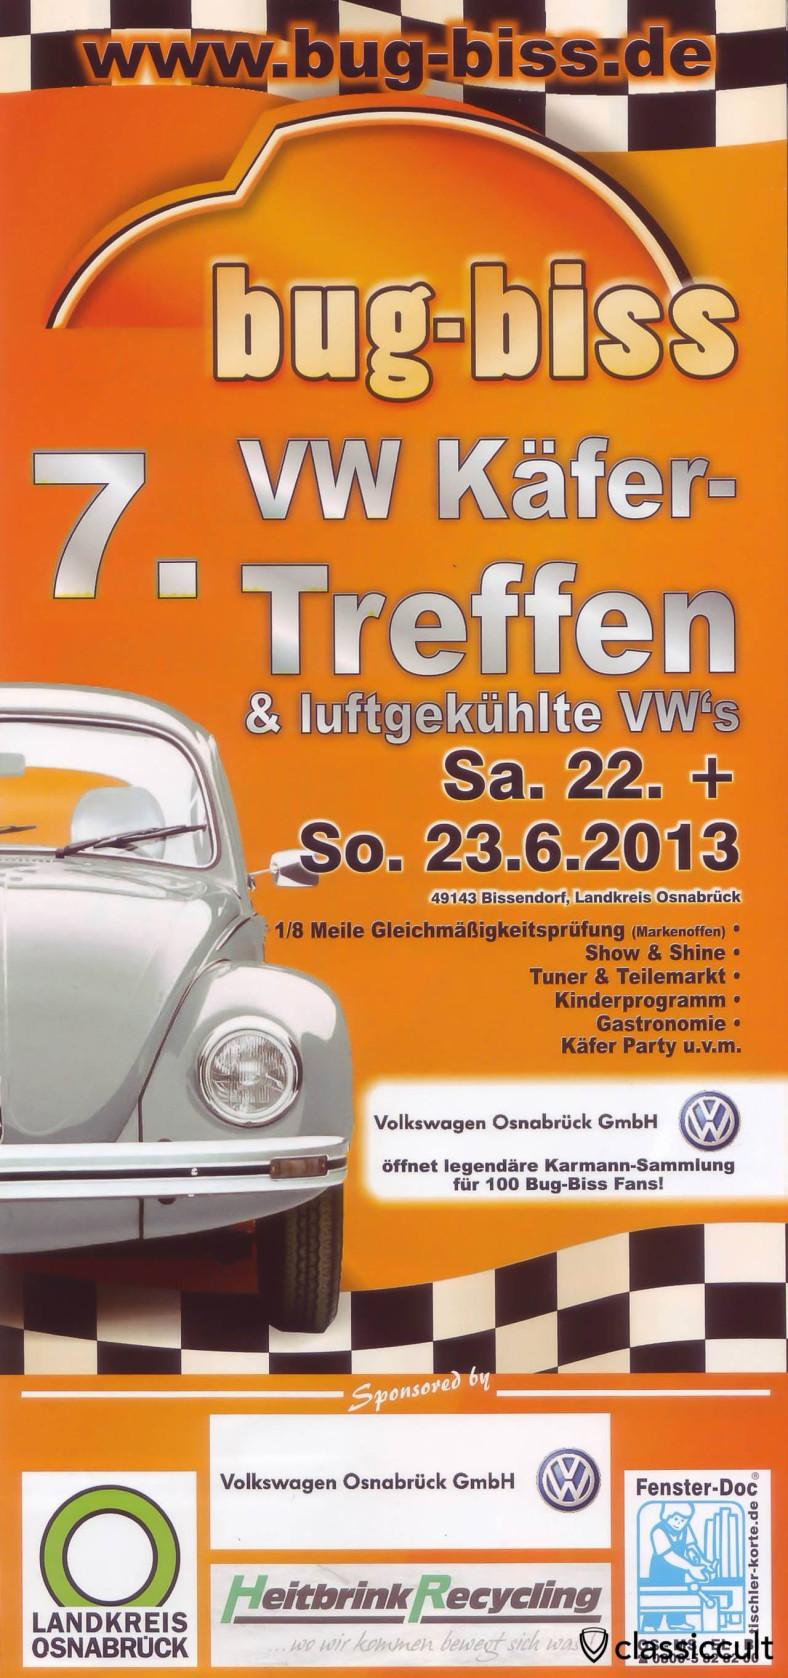 Bug Biss VW Treffen 2013 am 22.06.2013 - 23.06.2013 Flyer